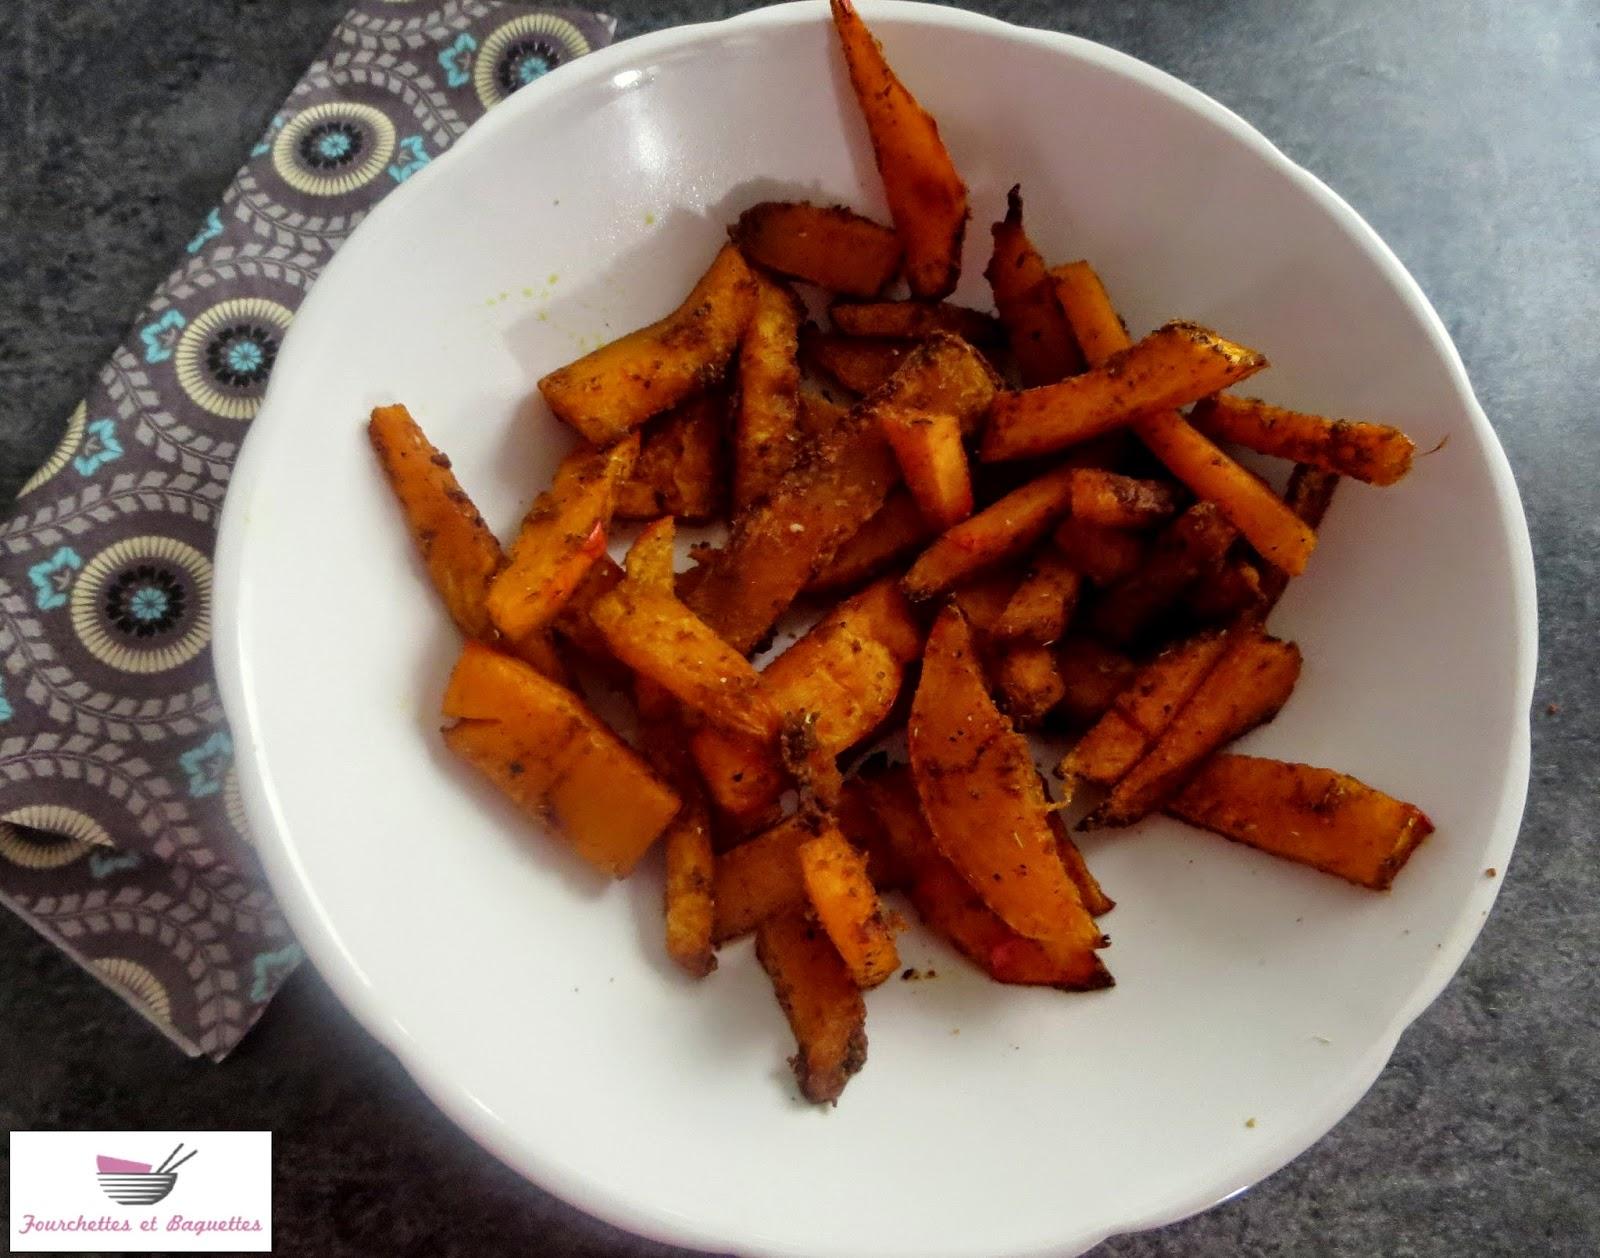 Fourchettes et baguettes frites de potimarron aux pices - Frites pour friteuse au four ...